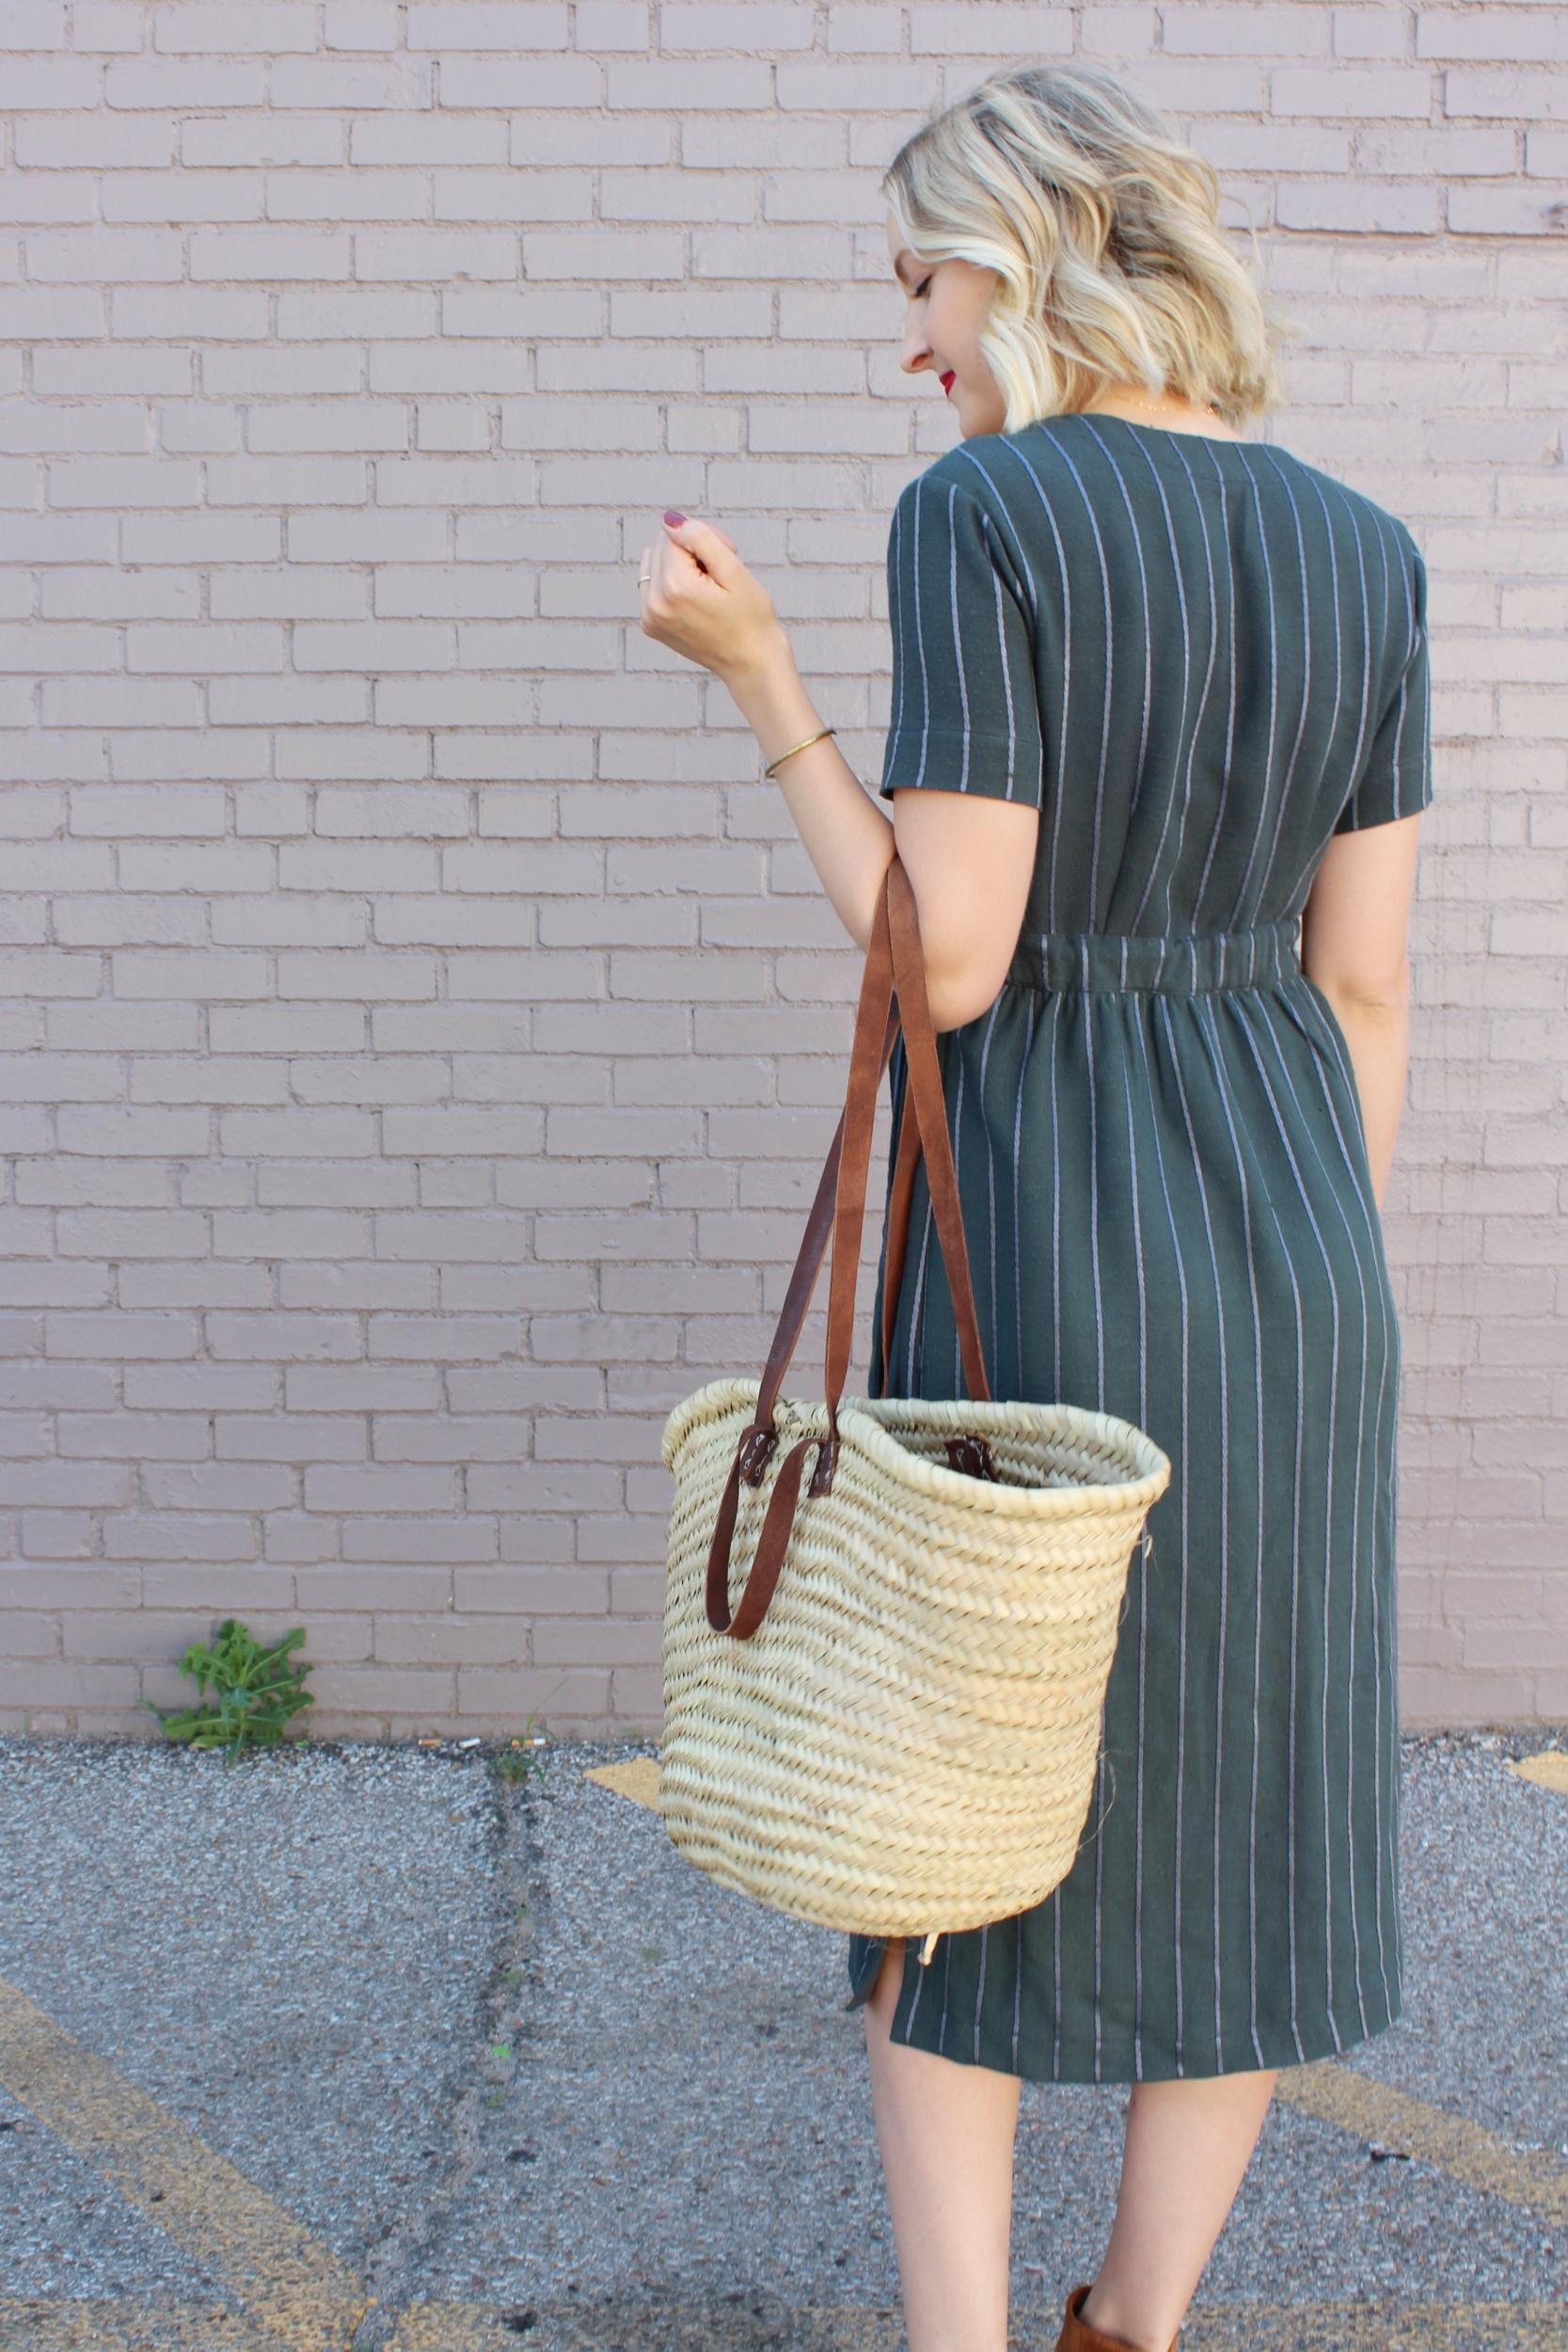 highlands_wrap_dress_well_fibre_7